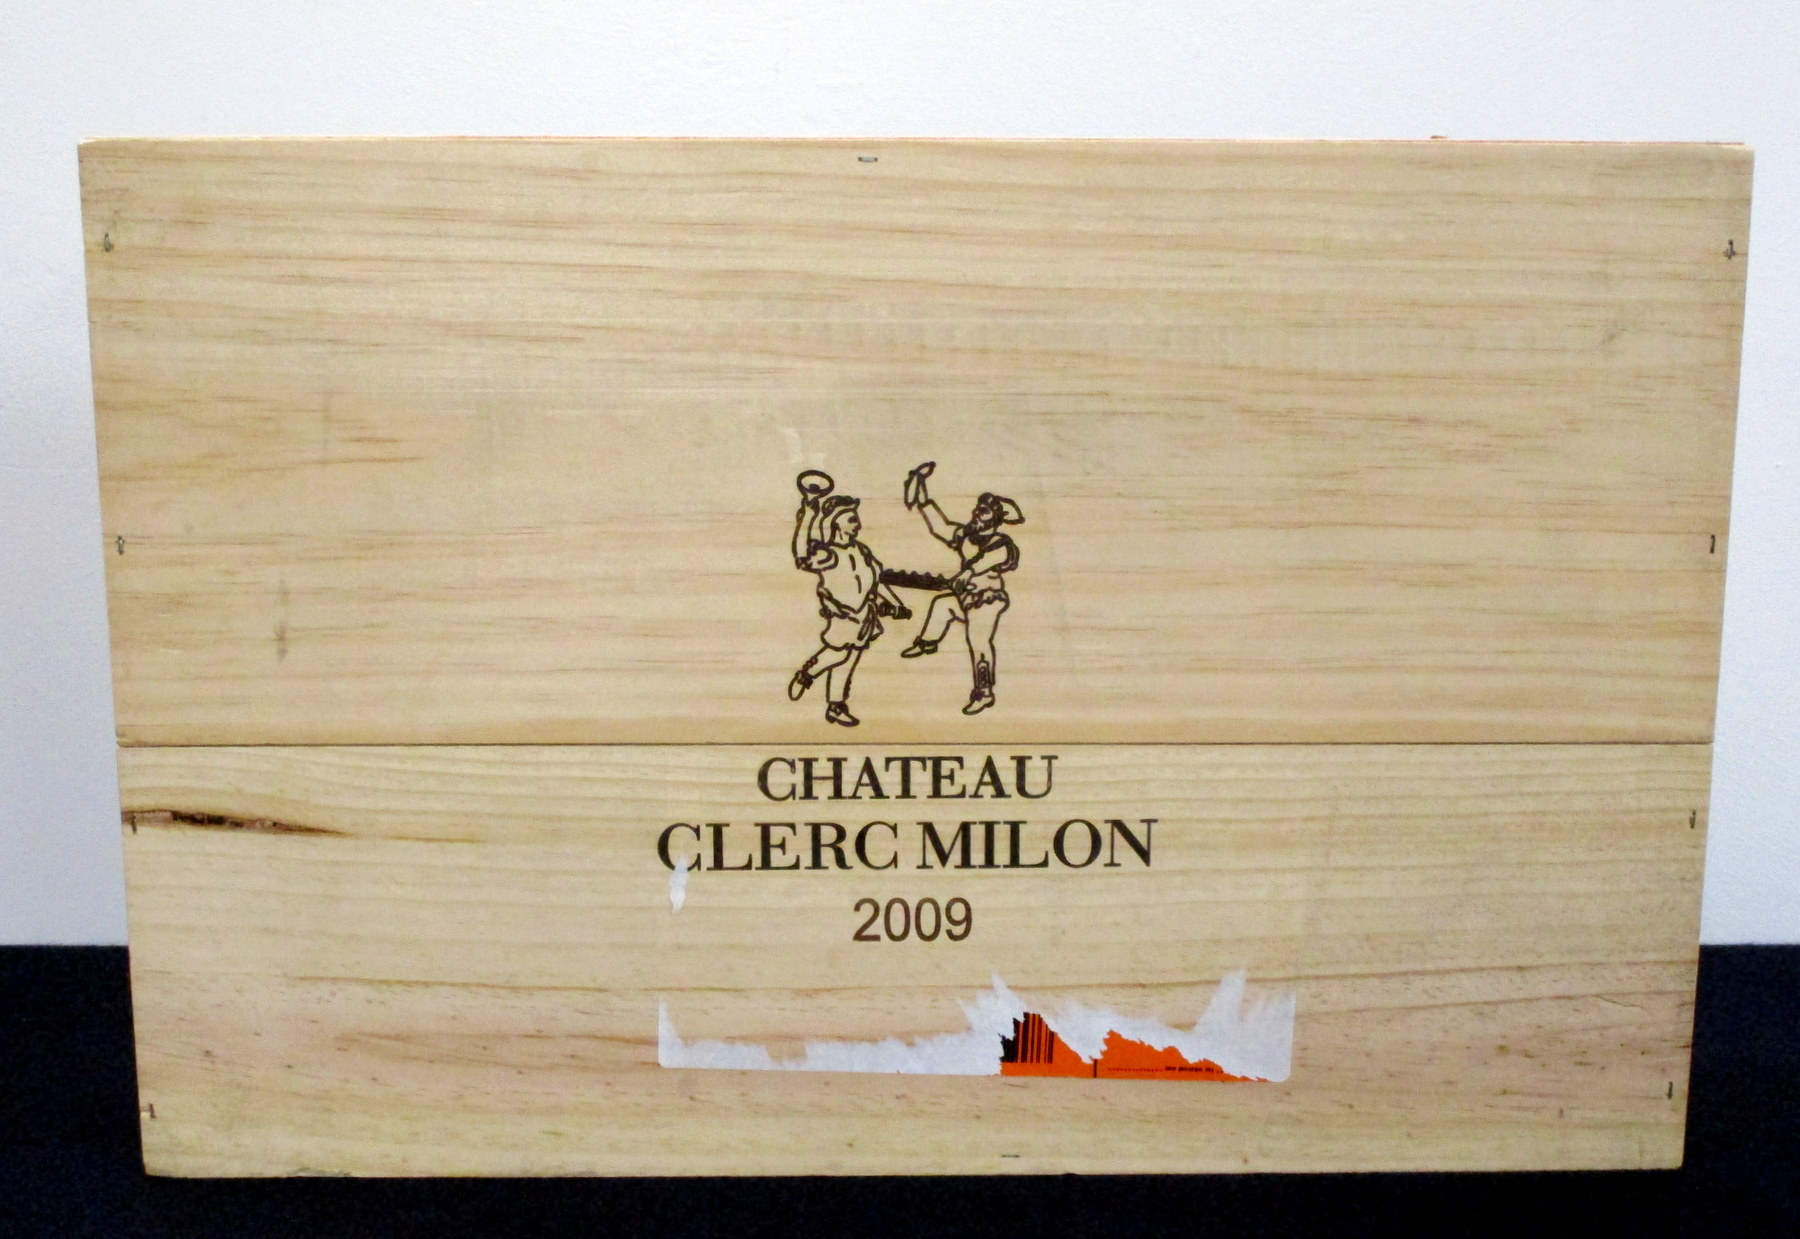 6 bts Ch. Clerc Milon 2009 owc Pauillac, 5me Cru Classé